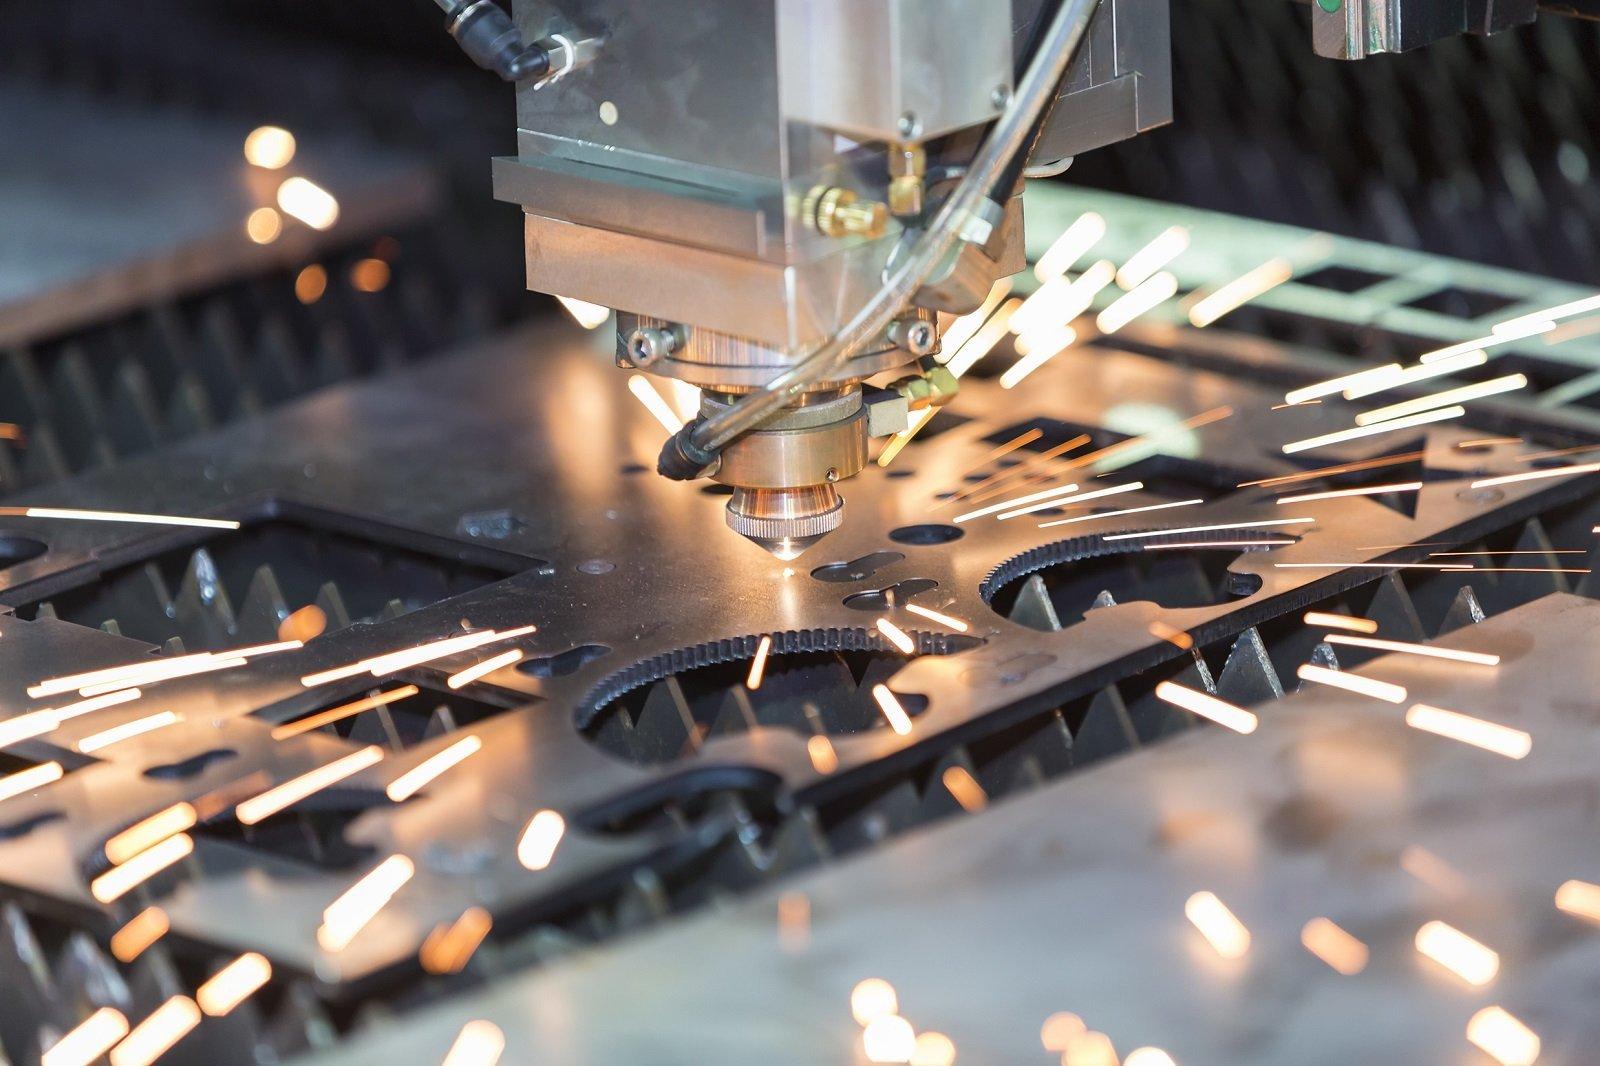 una punta di un macchinario che tocca una superficie di ferro e delle scintille